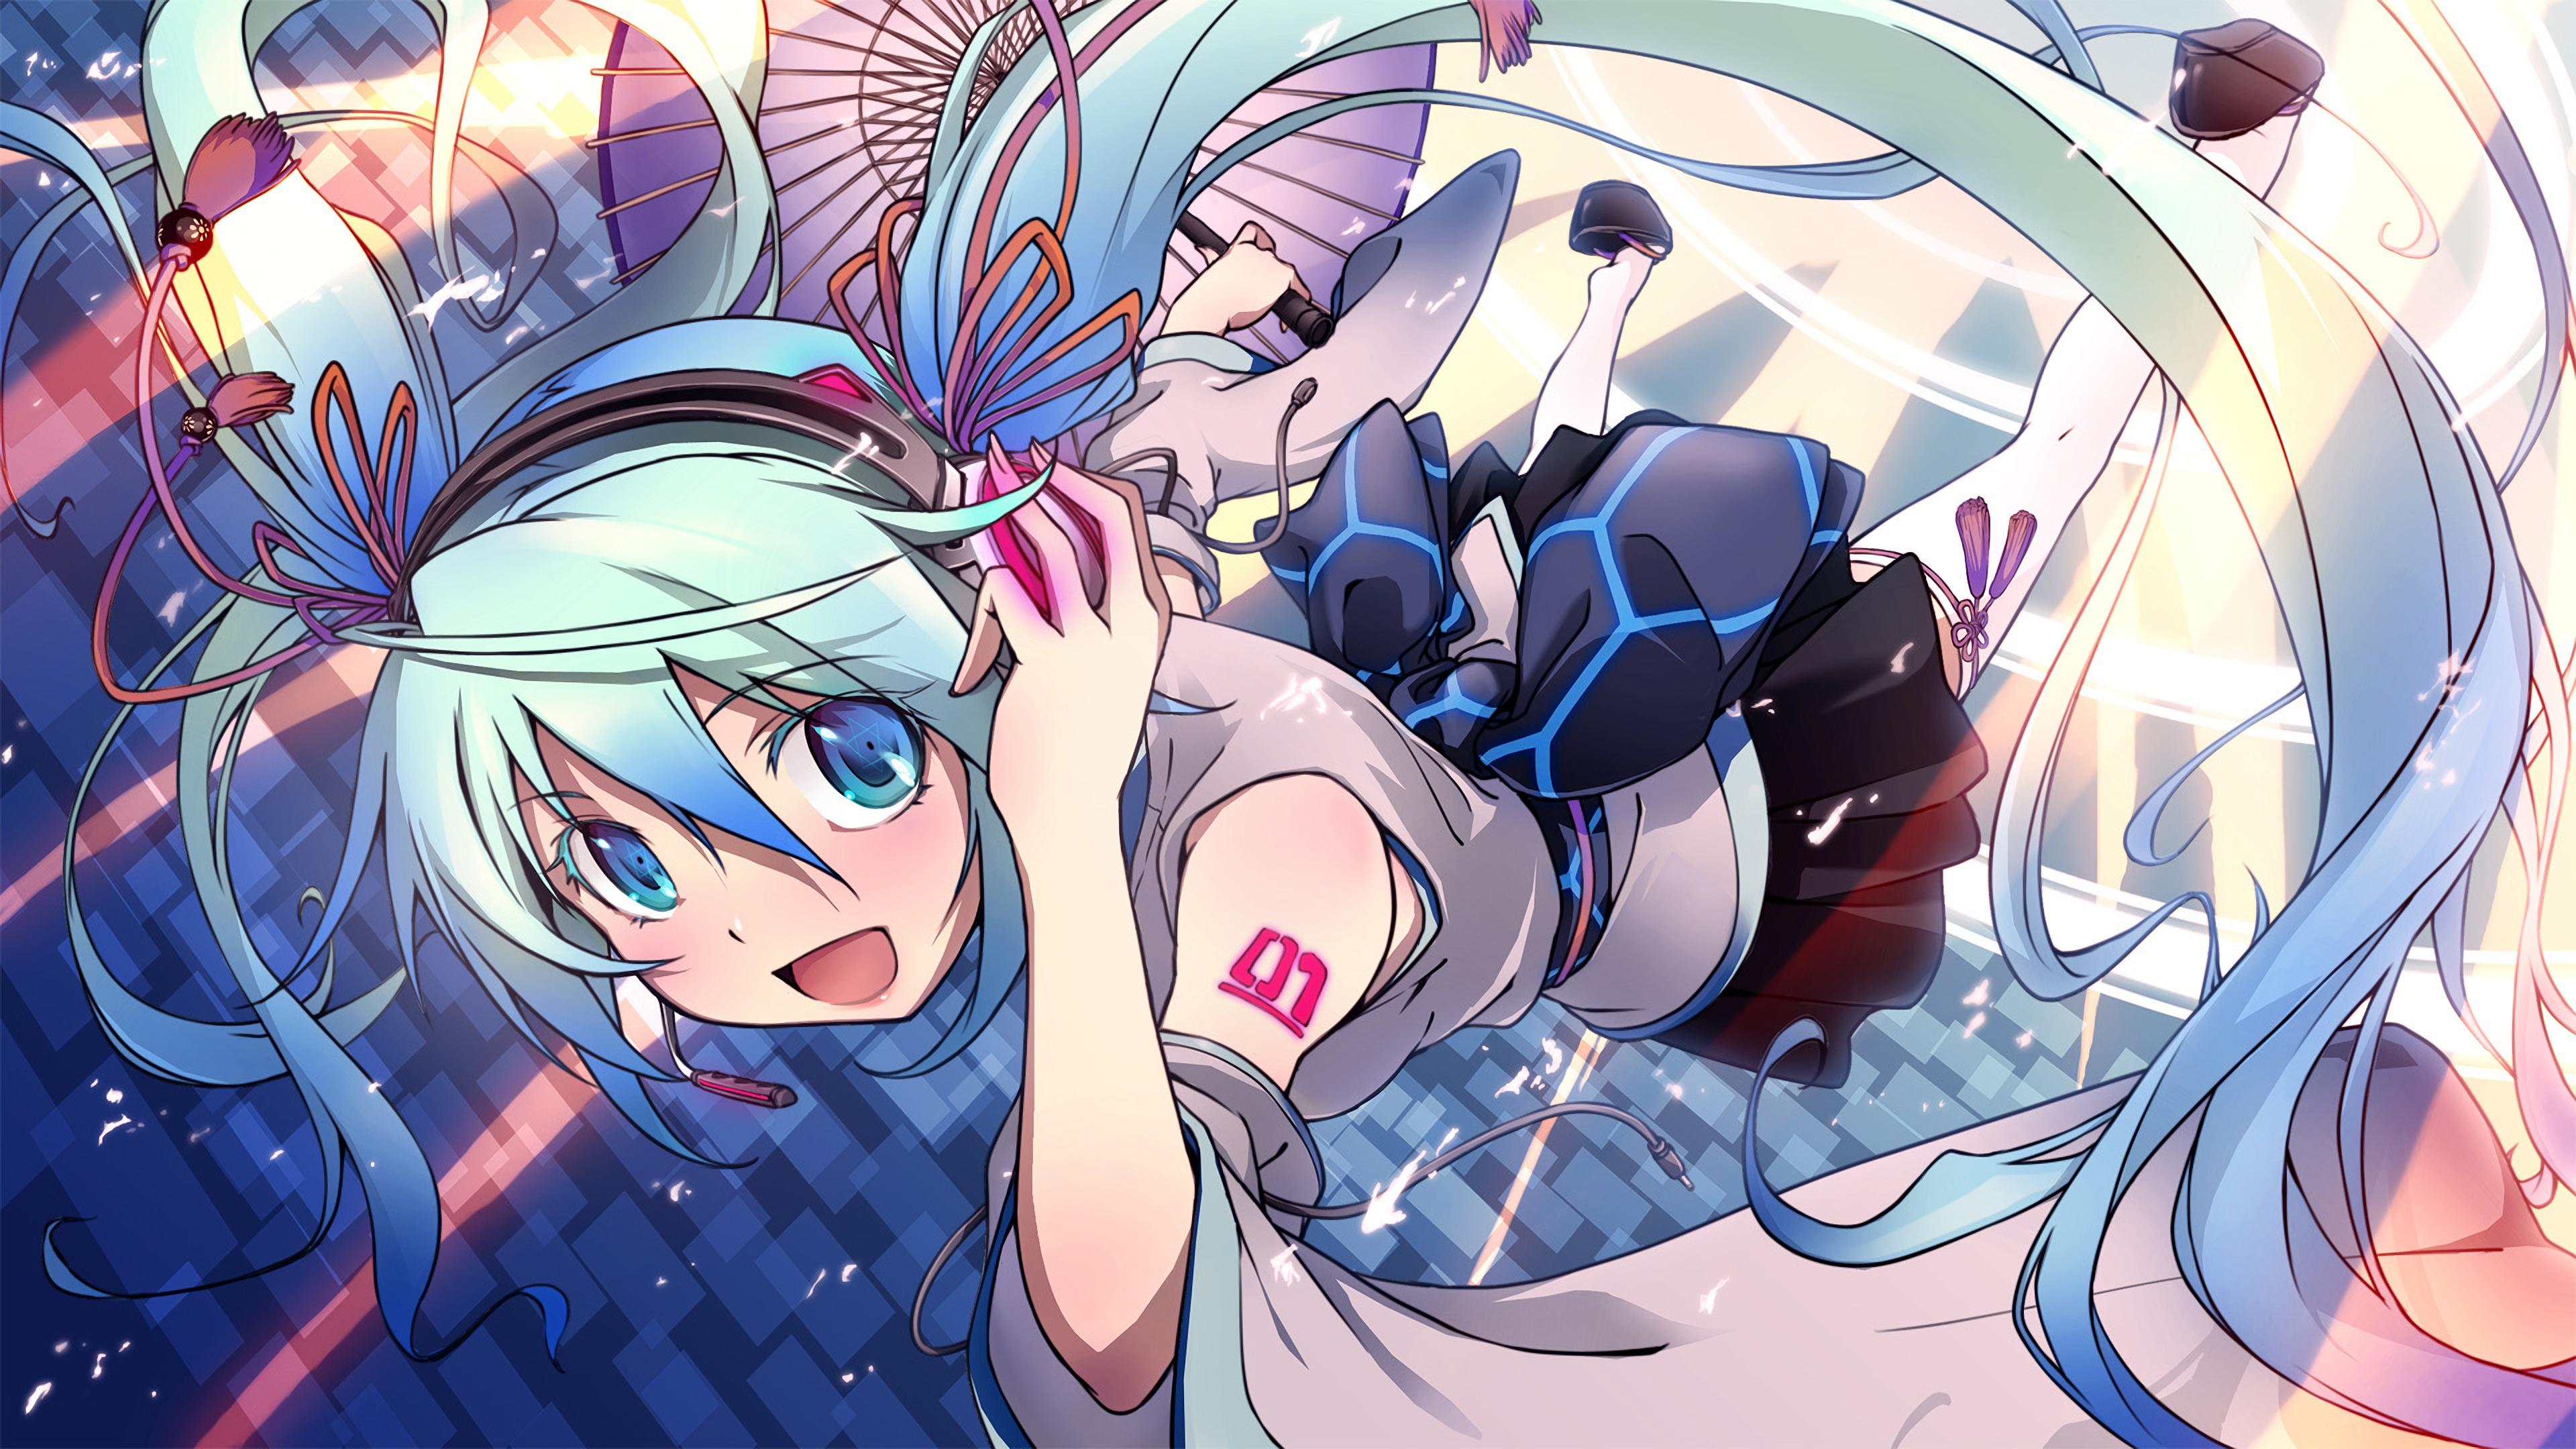 Hatsune Miku 431